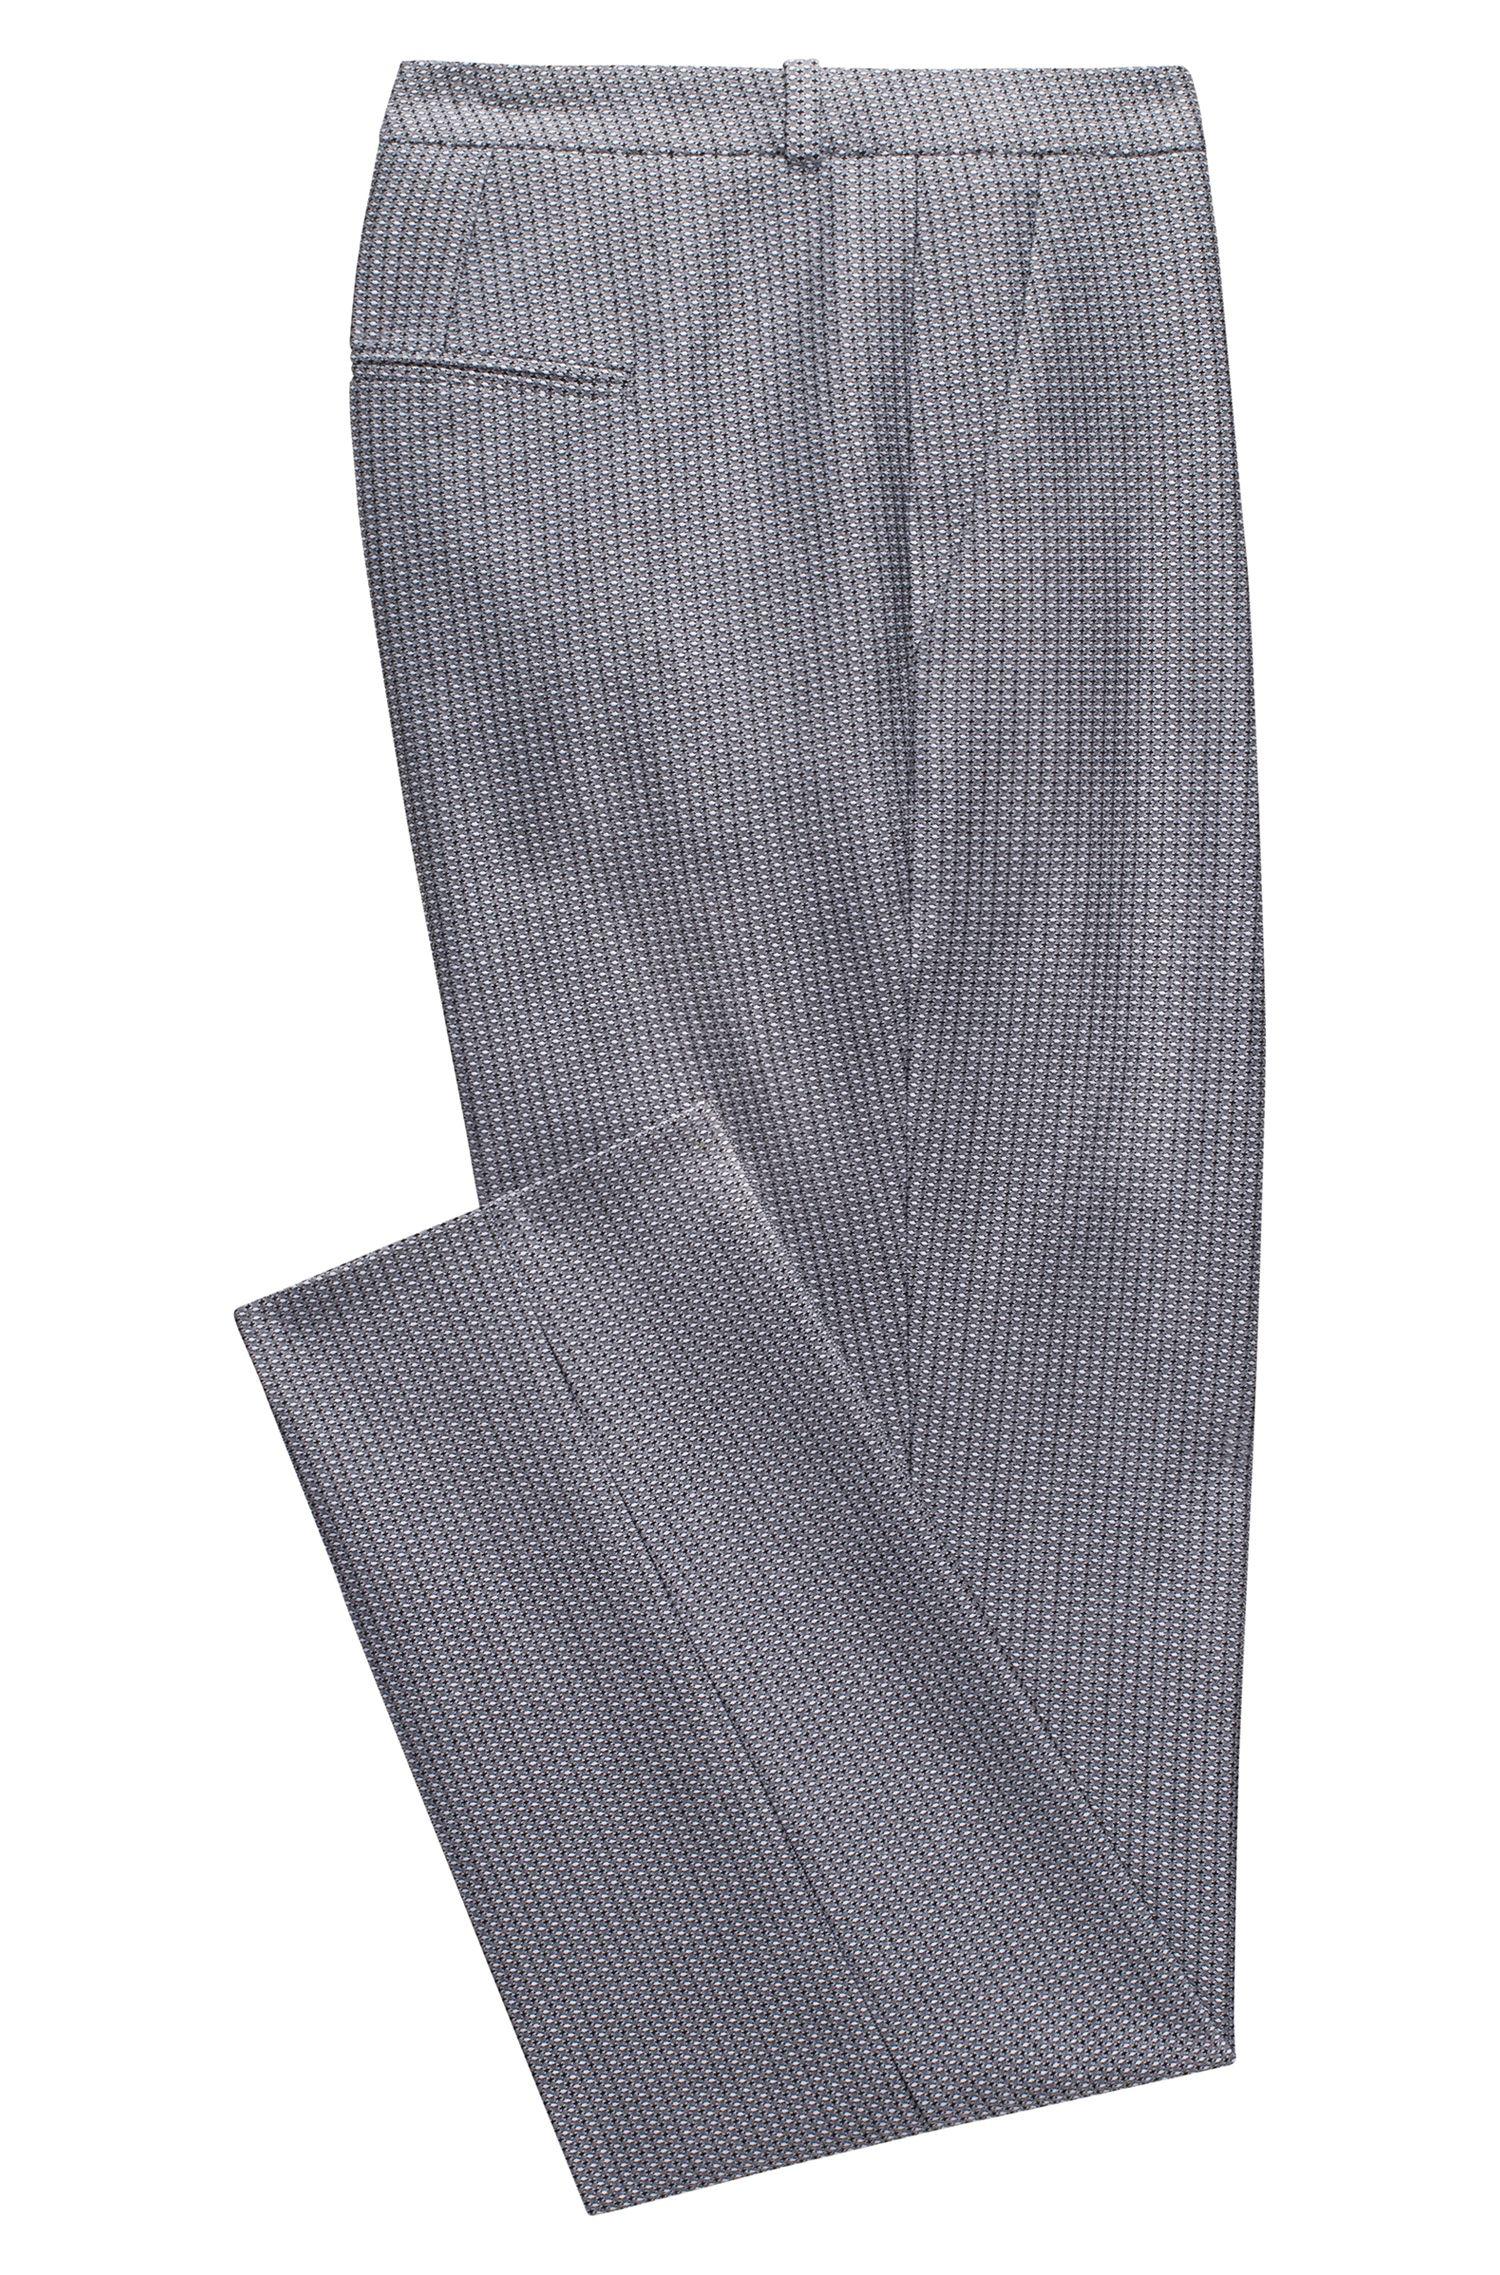 Regular-fit cigarette pants in materiaal van gemiddeld gewicht